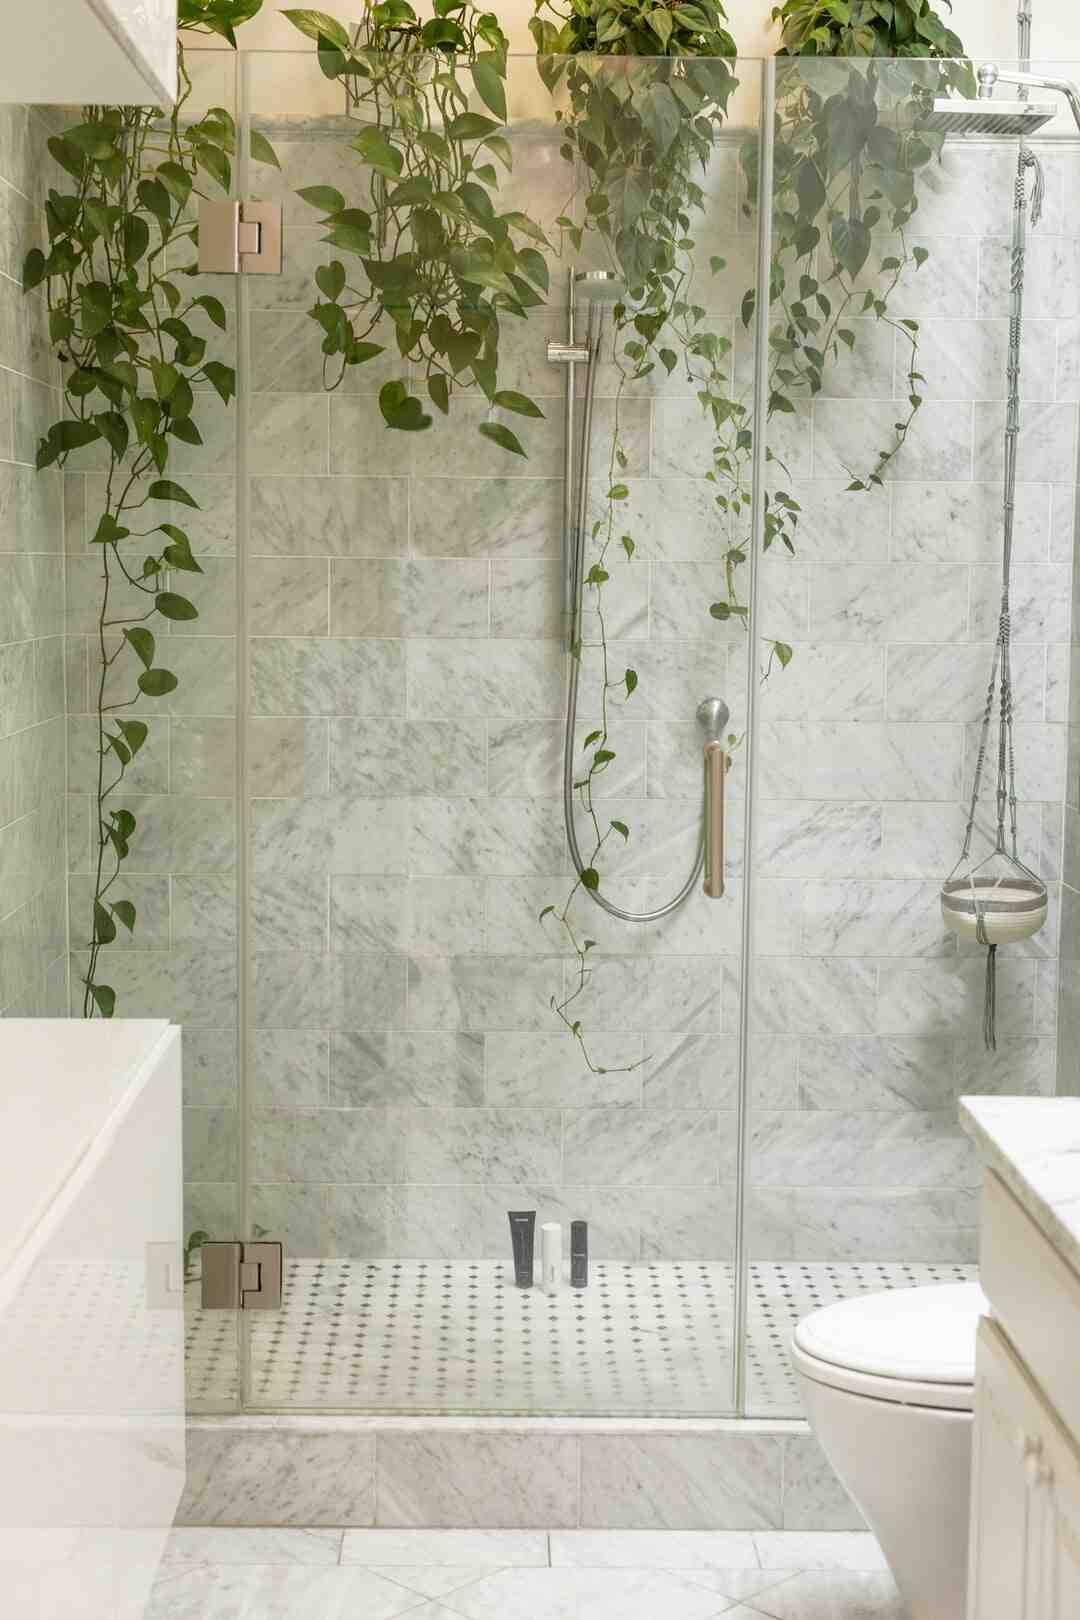 Comment isoler un wc dans une salle de bain